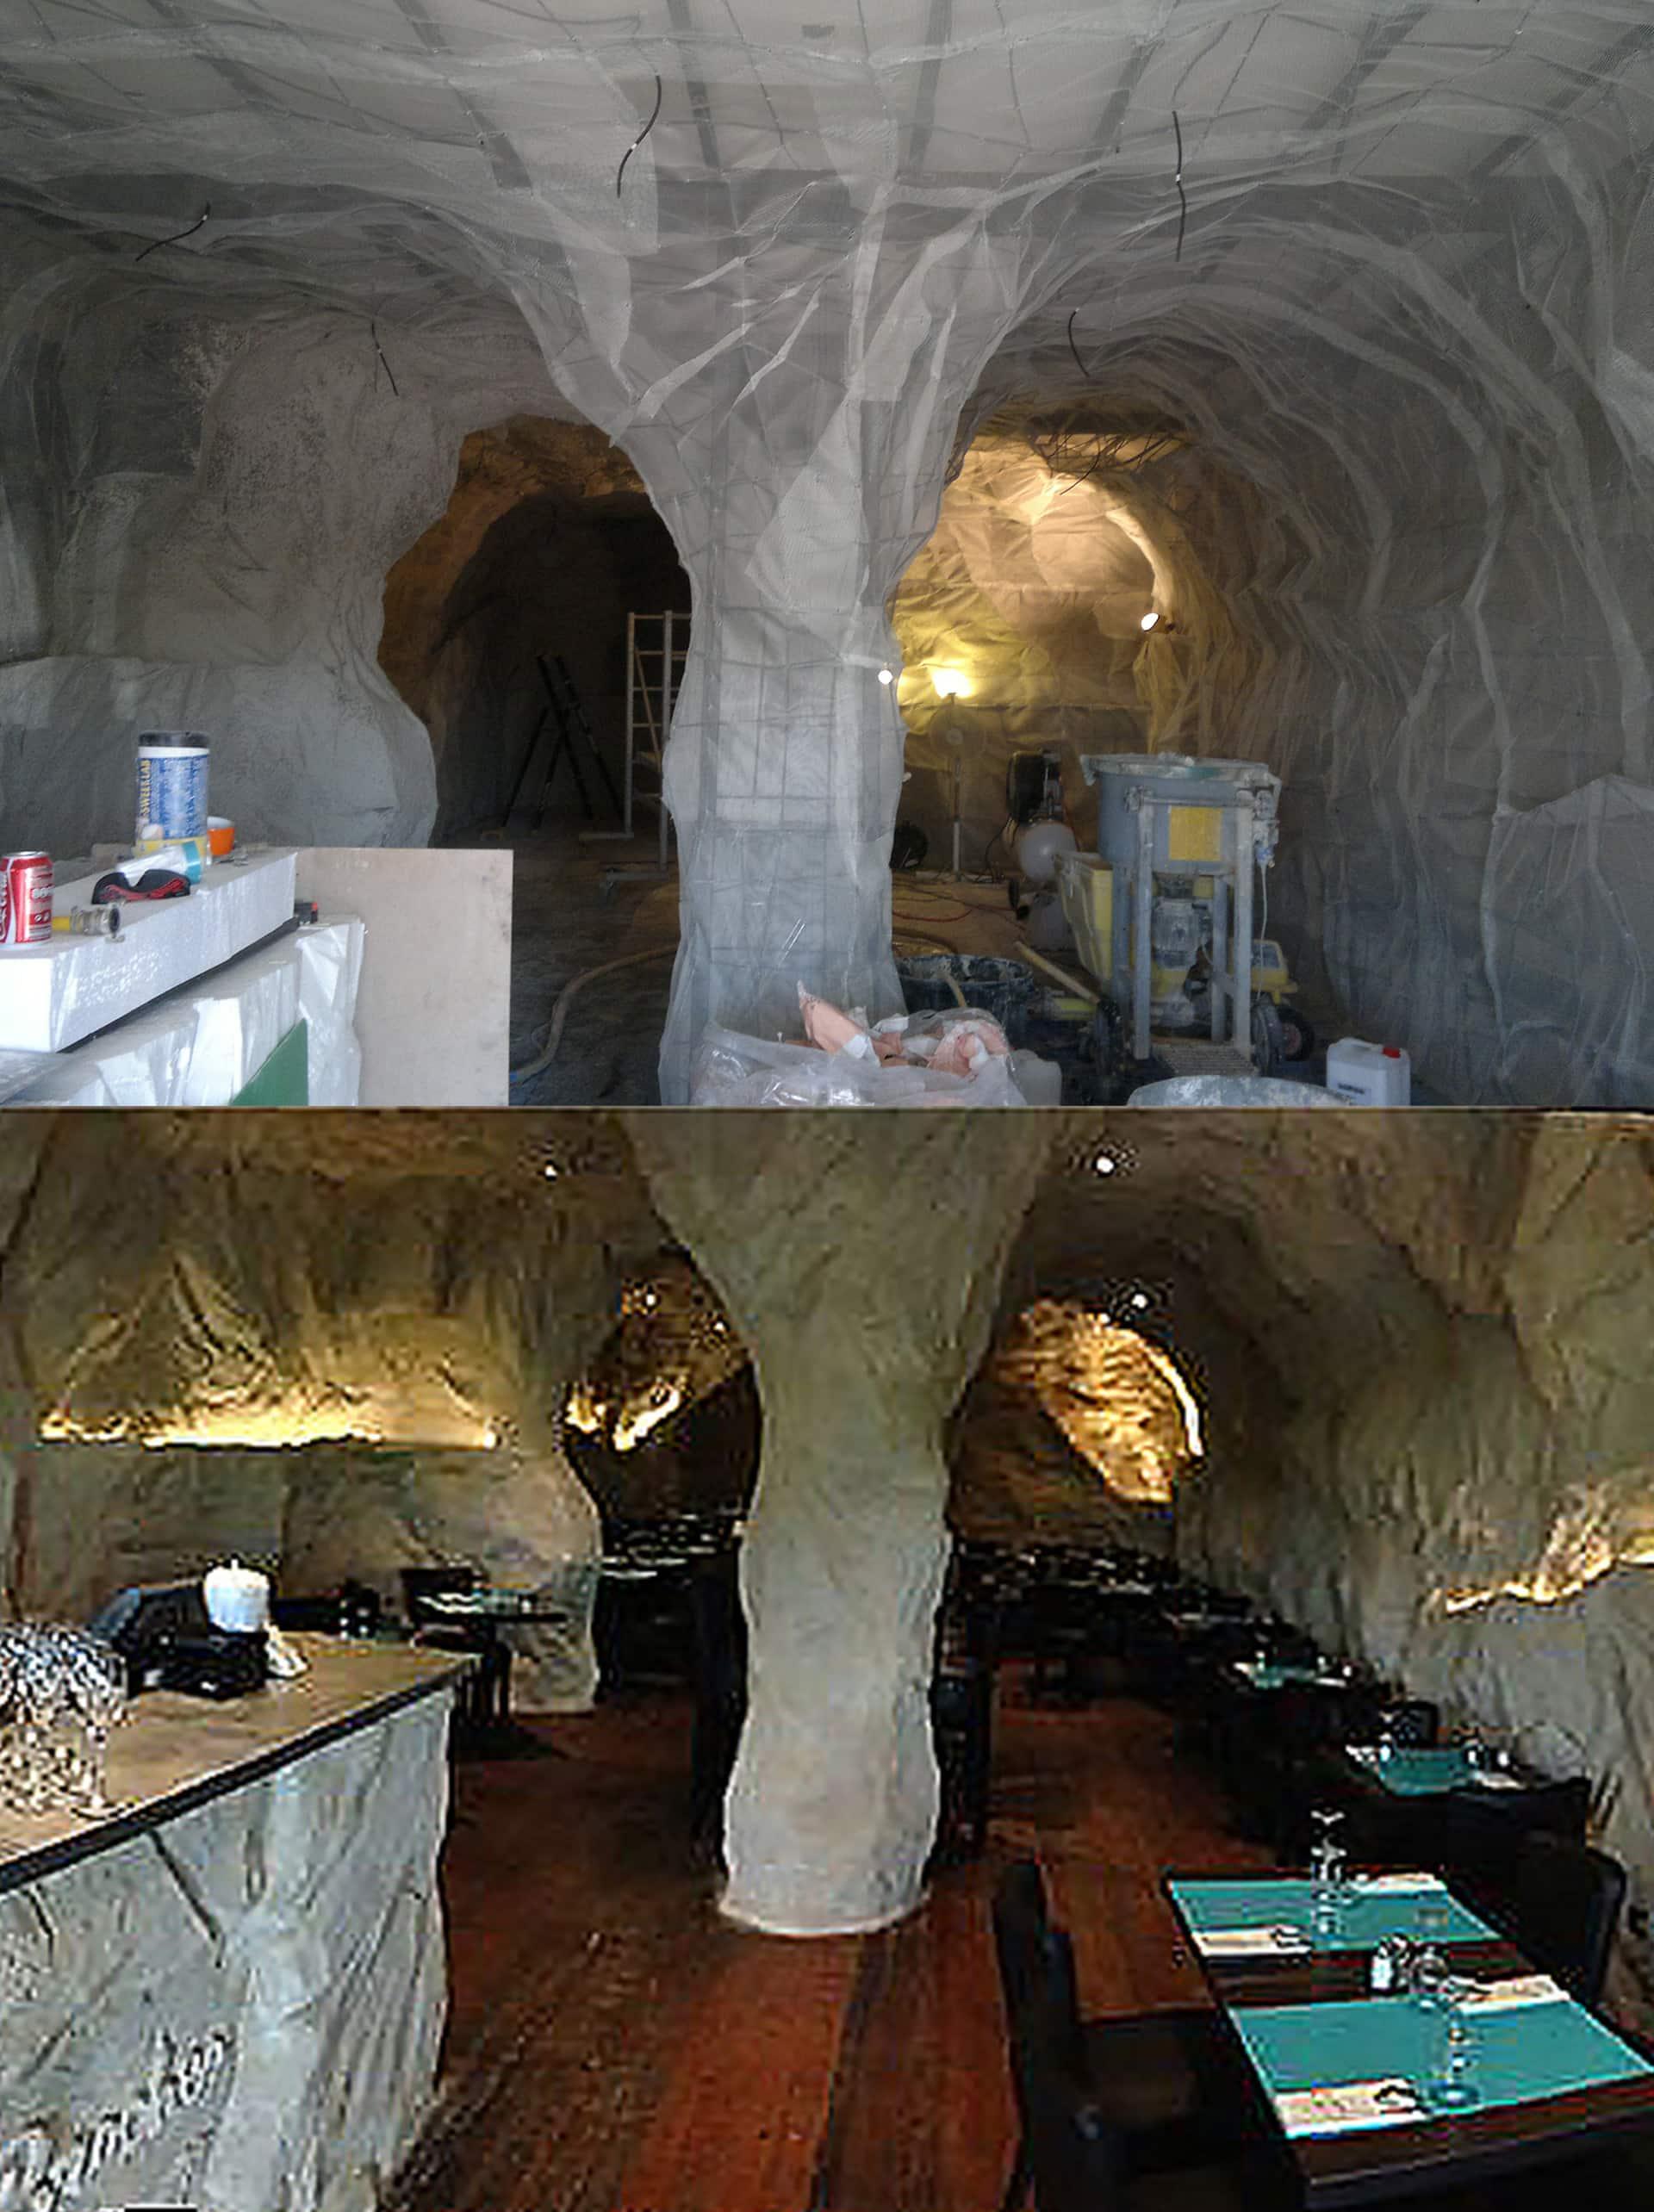 réalisation d'un décor en fausse roche dans un restaurant